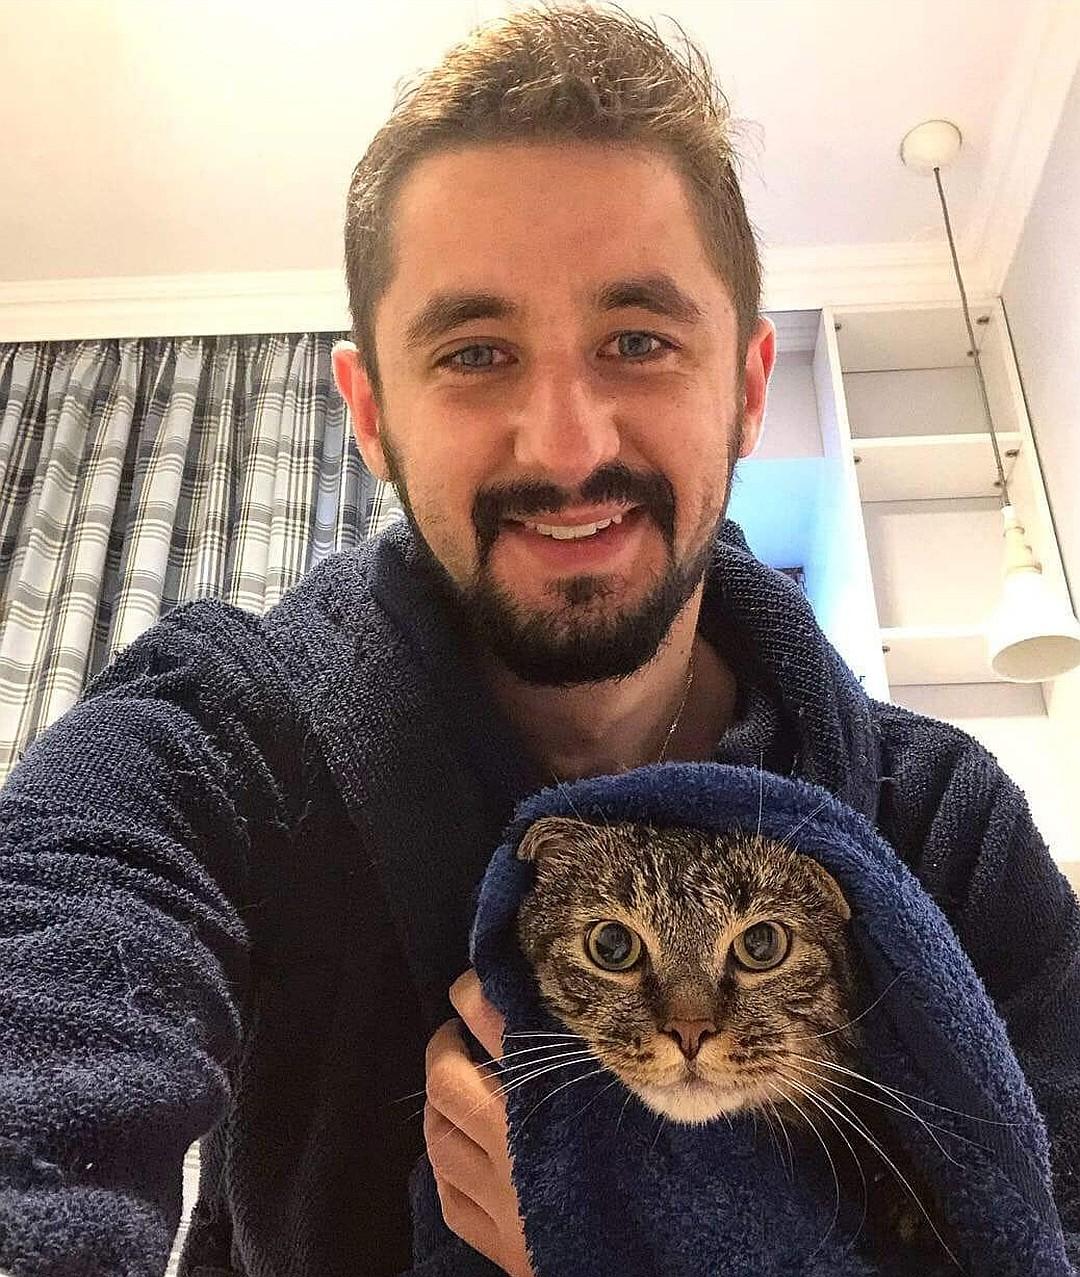 Кот Виктор всегда сопровождает Михаила в командировках. Фото: Личная страничка героя публикации в соцсети